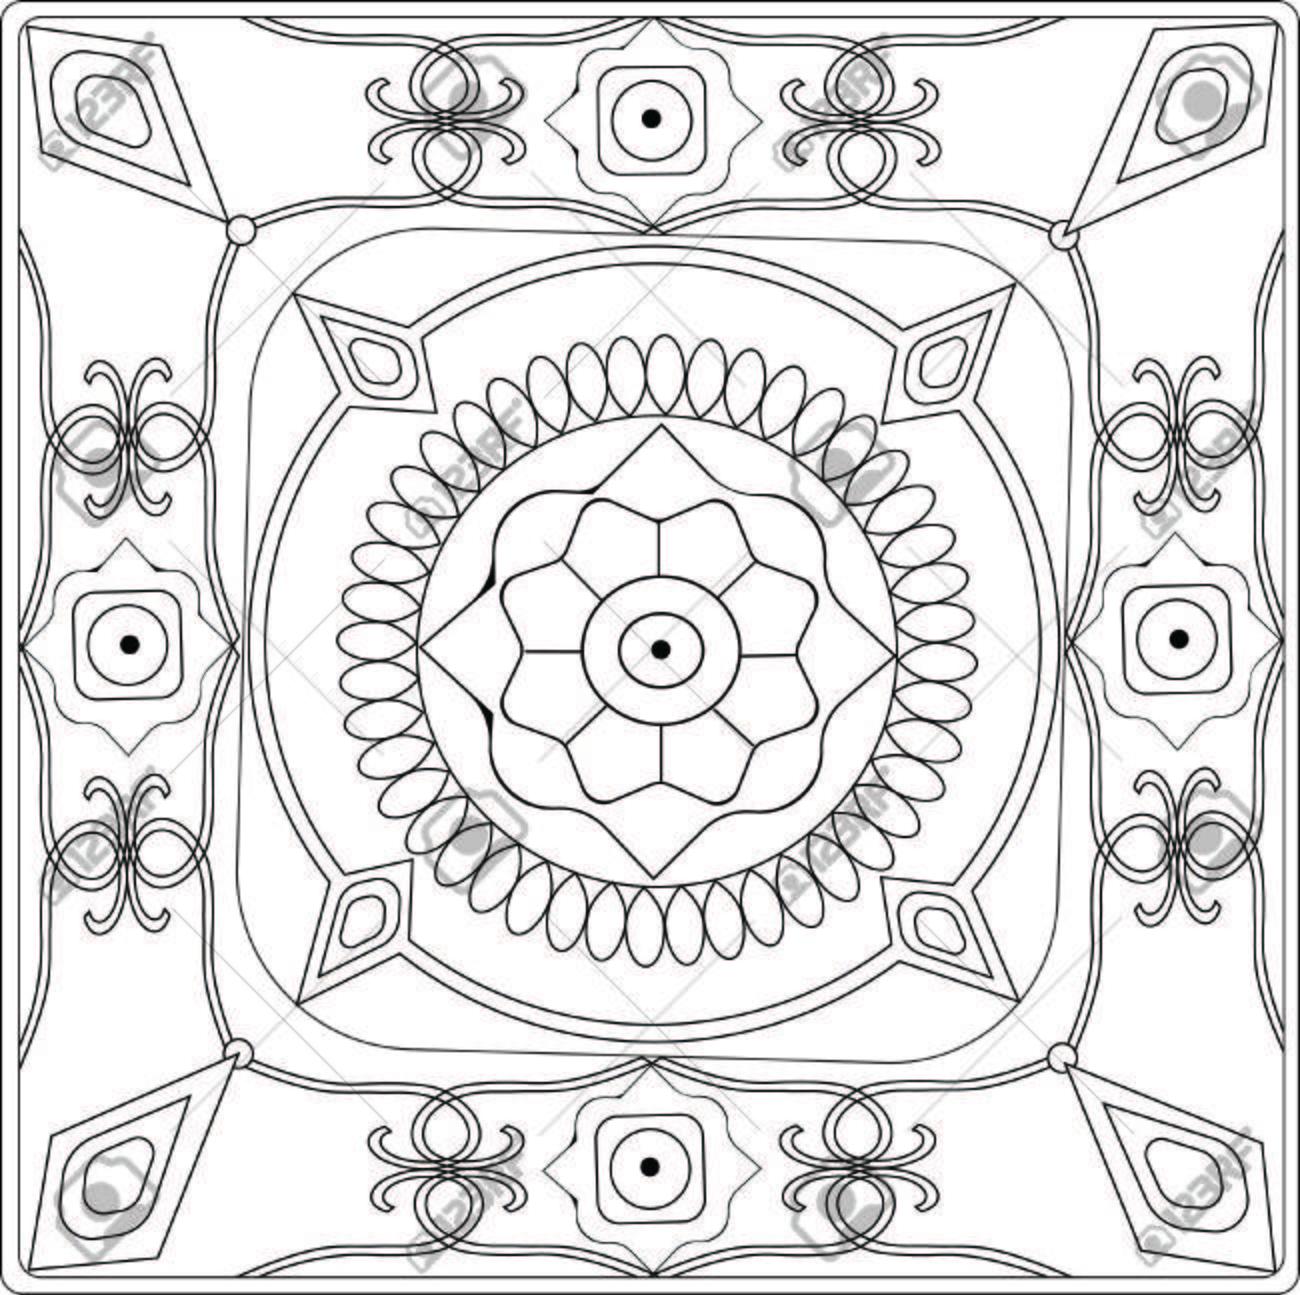 Tolle Mosaik Malbuch Fotos - Druckbare Malvorlagen - amaichi.info